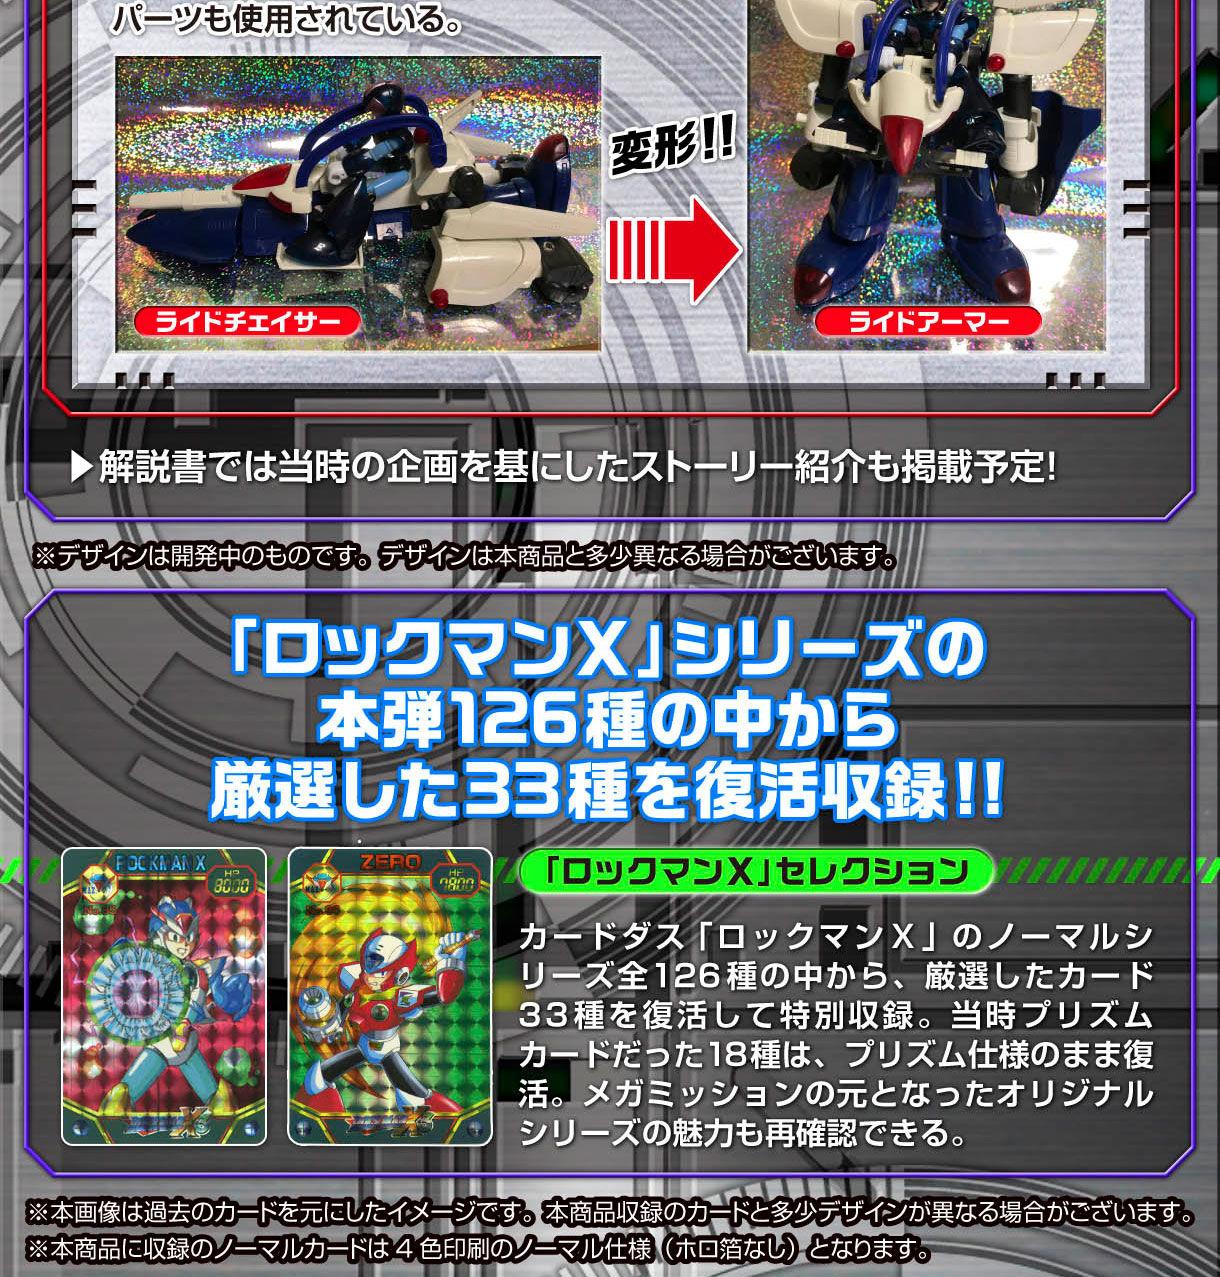 ロックマンX&ロックマンXメガミッション セレクションボックス